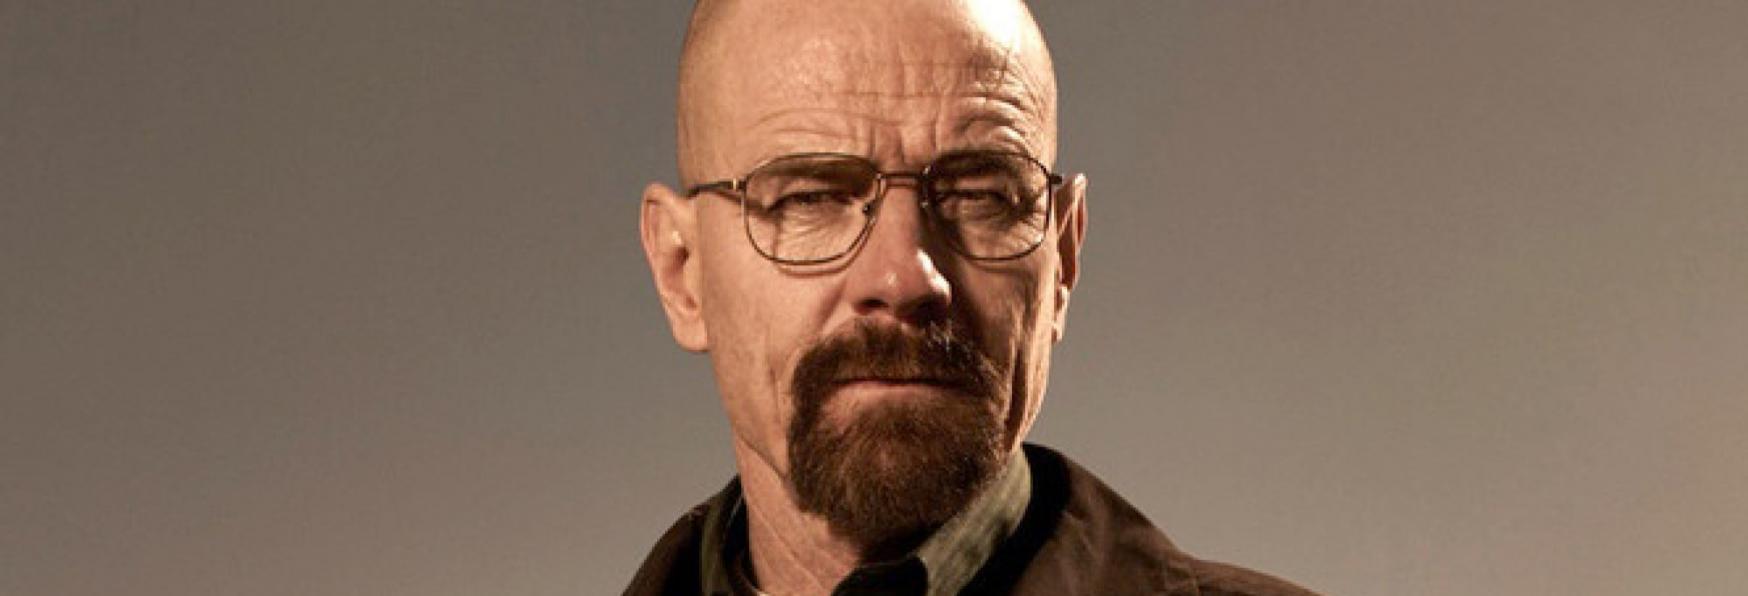 Better Call Saul: Bryan Cranston tornerebbe come Walter White nella Serie TV Spin-off